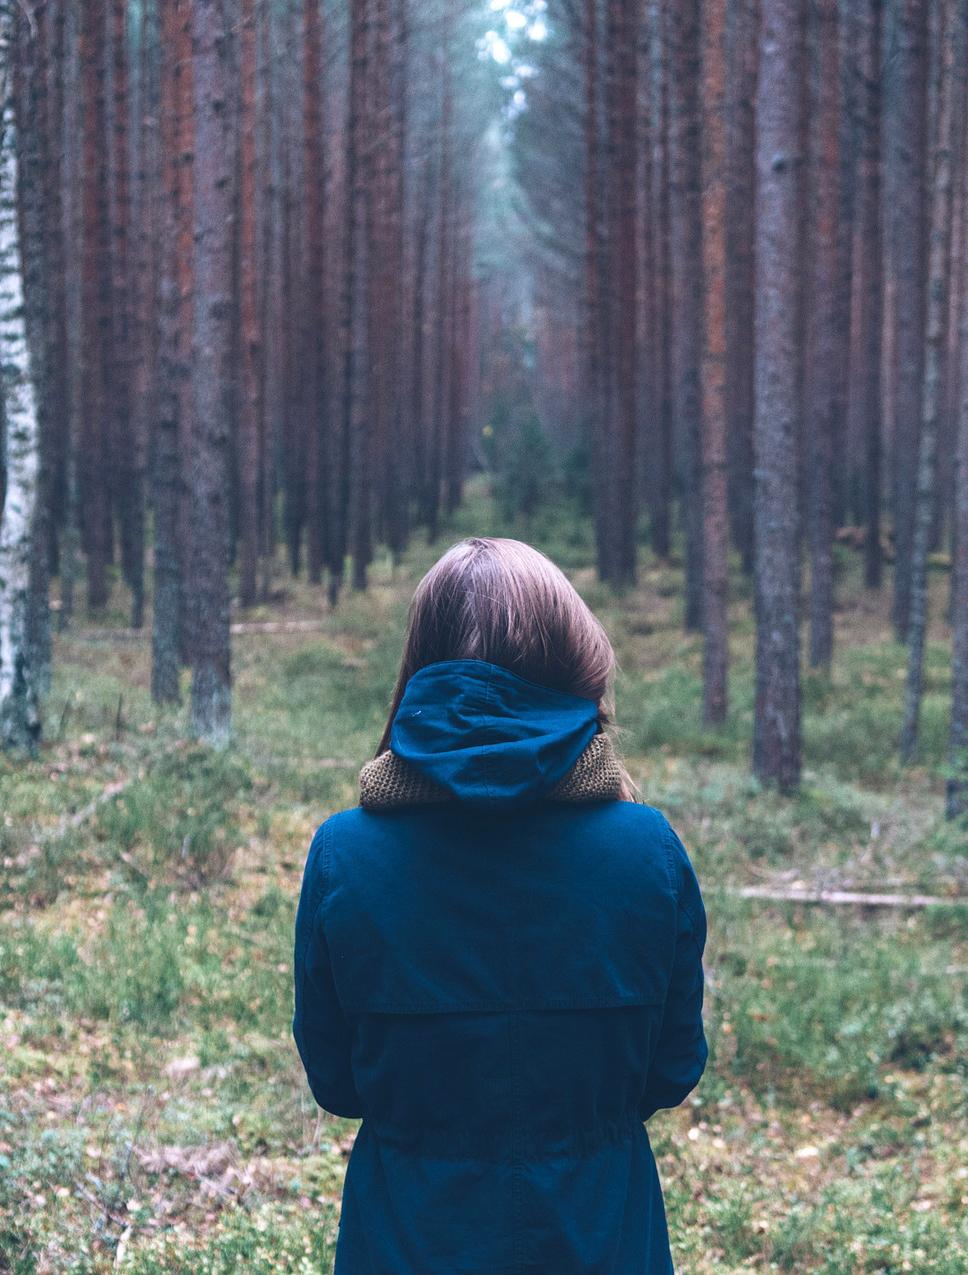 A szorongás azért is veszélyes, mivel gyakran rejtve marad. A szorongók hajlamosak szégyellni állapotukat, így megpróbálják azt palástolni vagy nem mernek segítséget kérni annak feloldásához. -